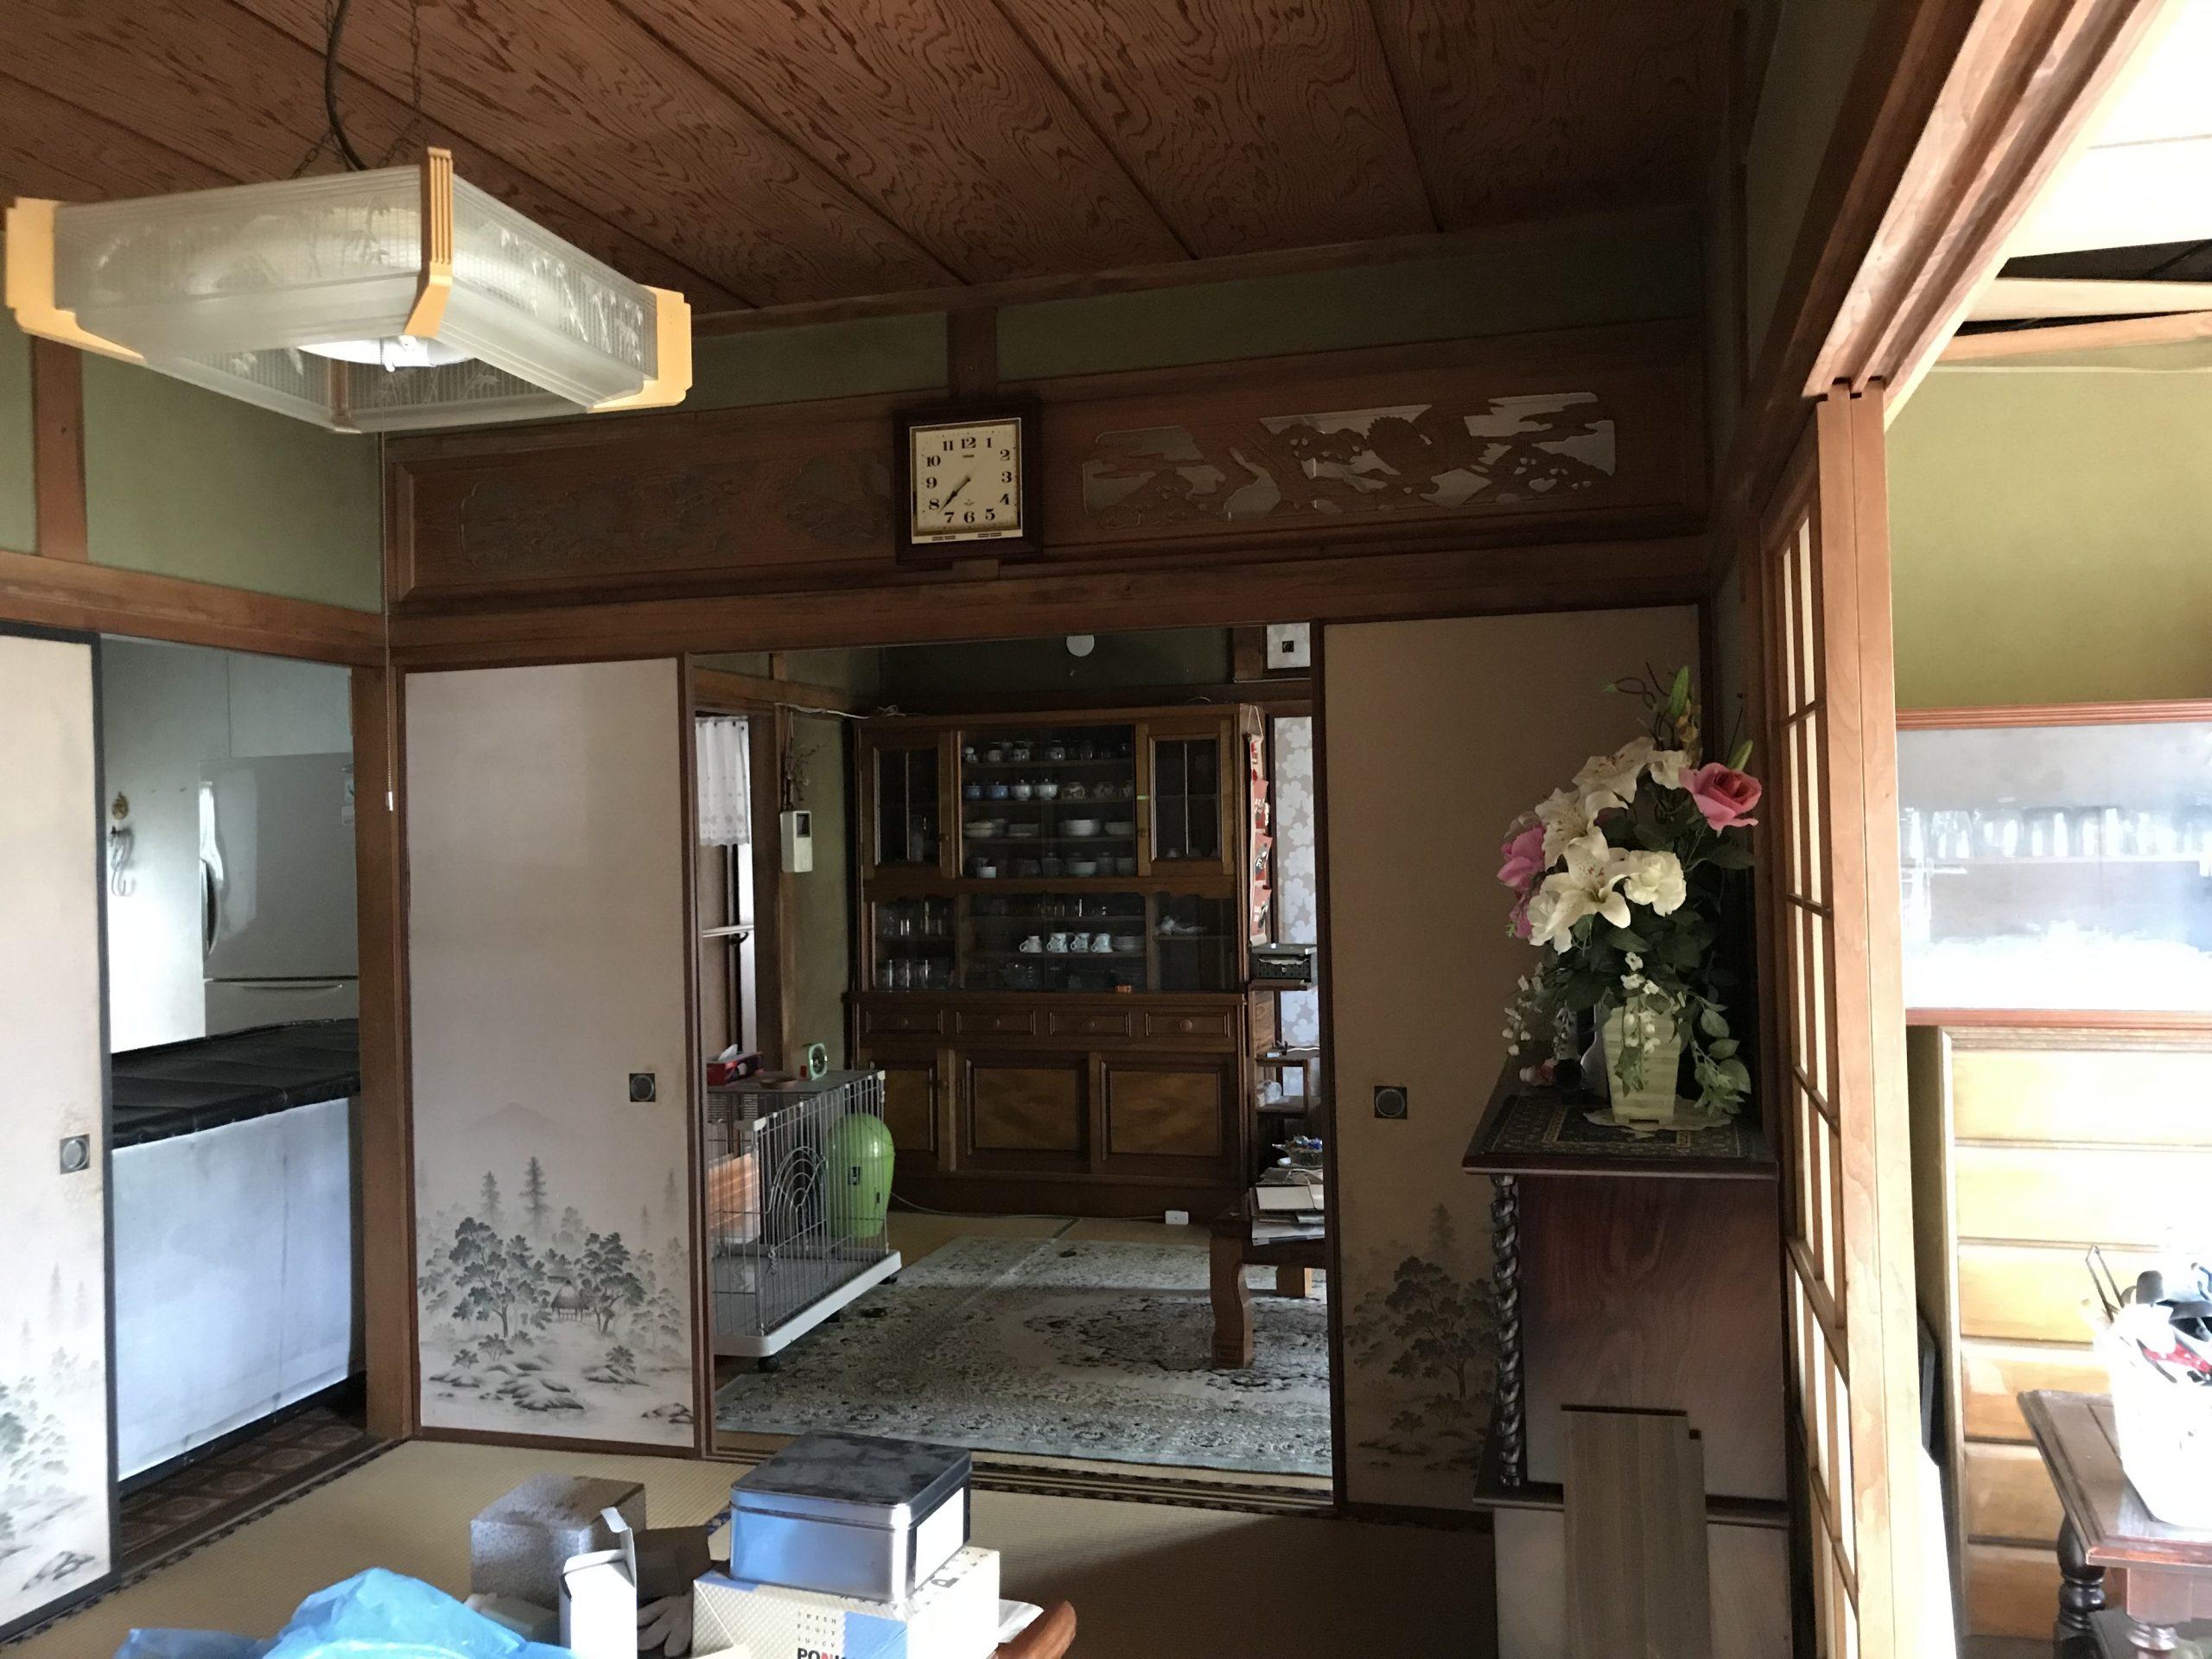 大分市竹の上 中古住宅 室内 大分不動産情報サービス